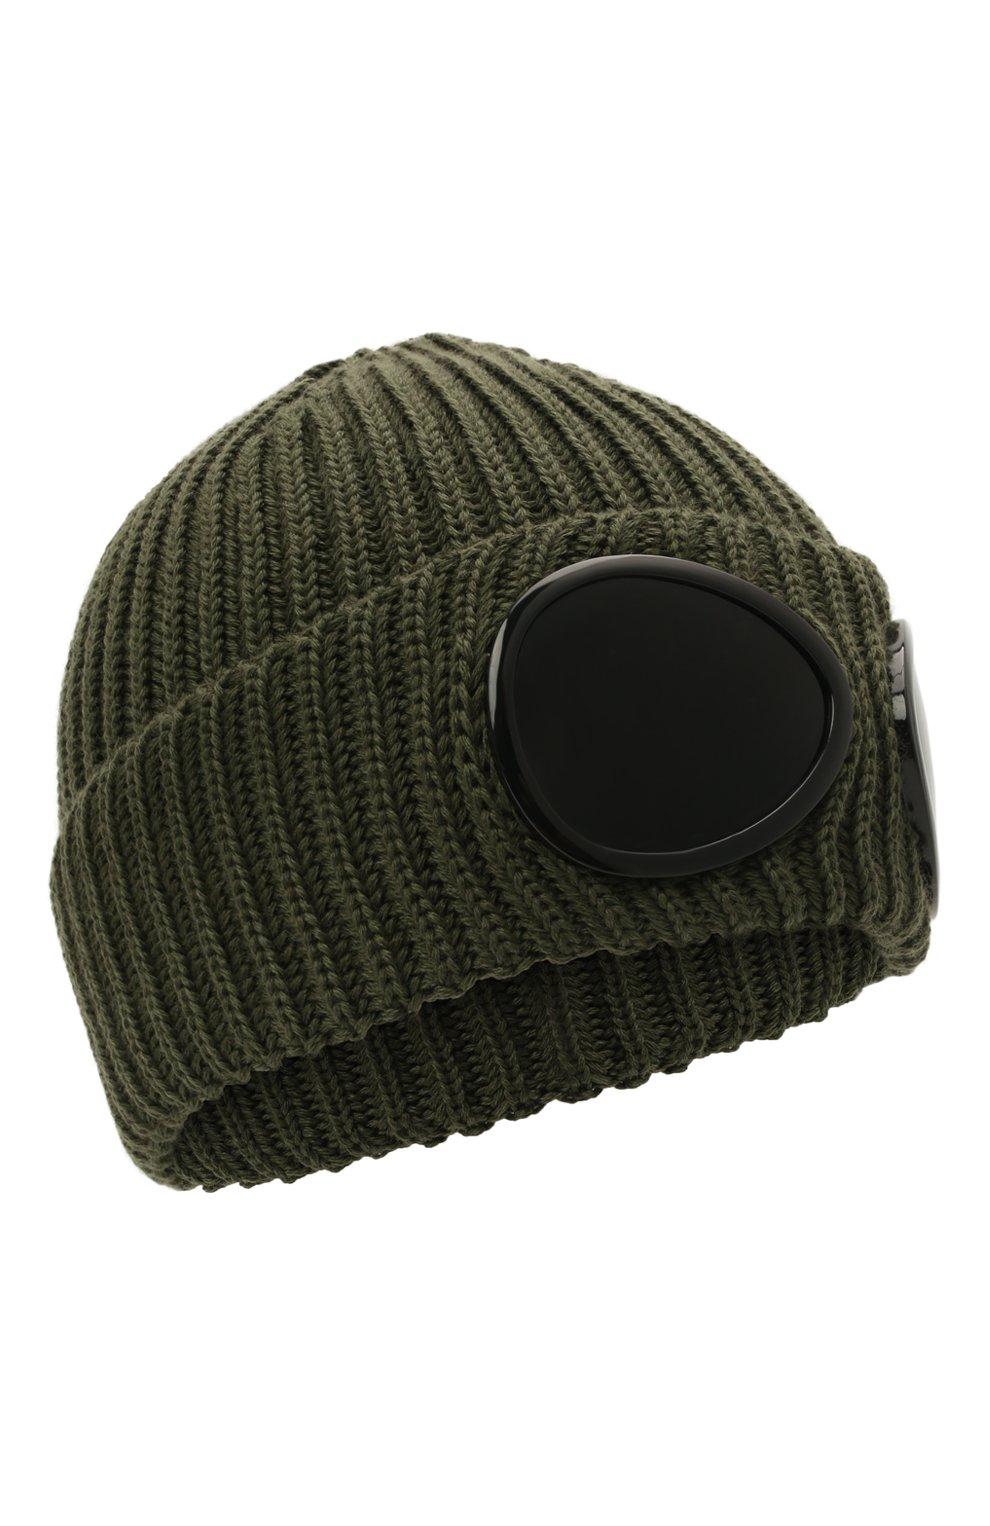 Мужская шерстяная шапка C.P. COMPANY хаки цвета, арт. 11CMAC122A-005509A   Фото 1 (Материал: Шерсть; Кросс-КТ: Трикотаж)